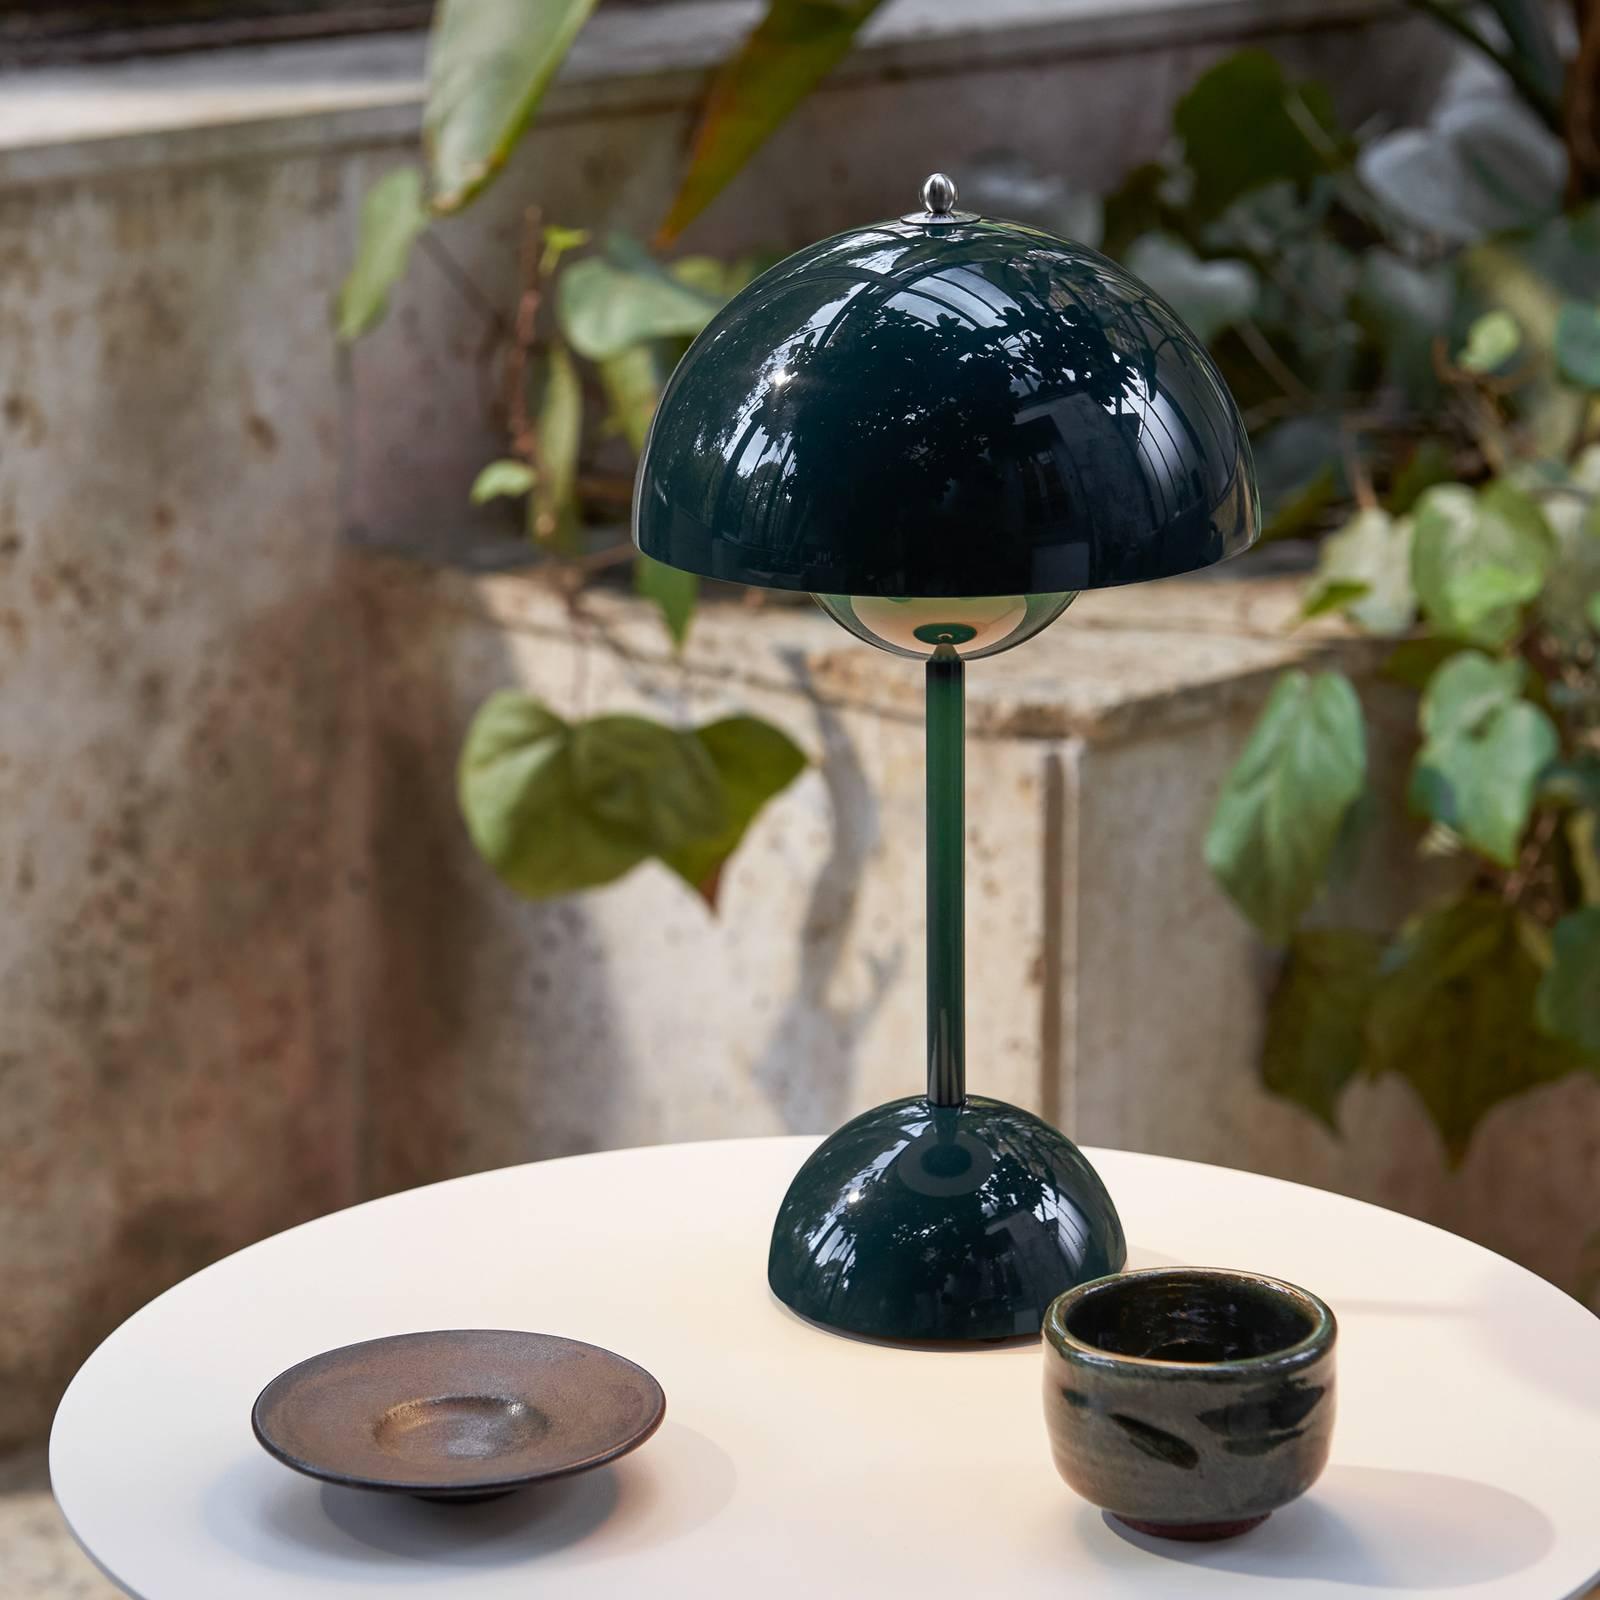 &Tradition Flowerpot VP9 -pöytälamppu tummanvihreä